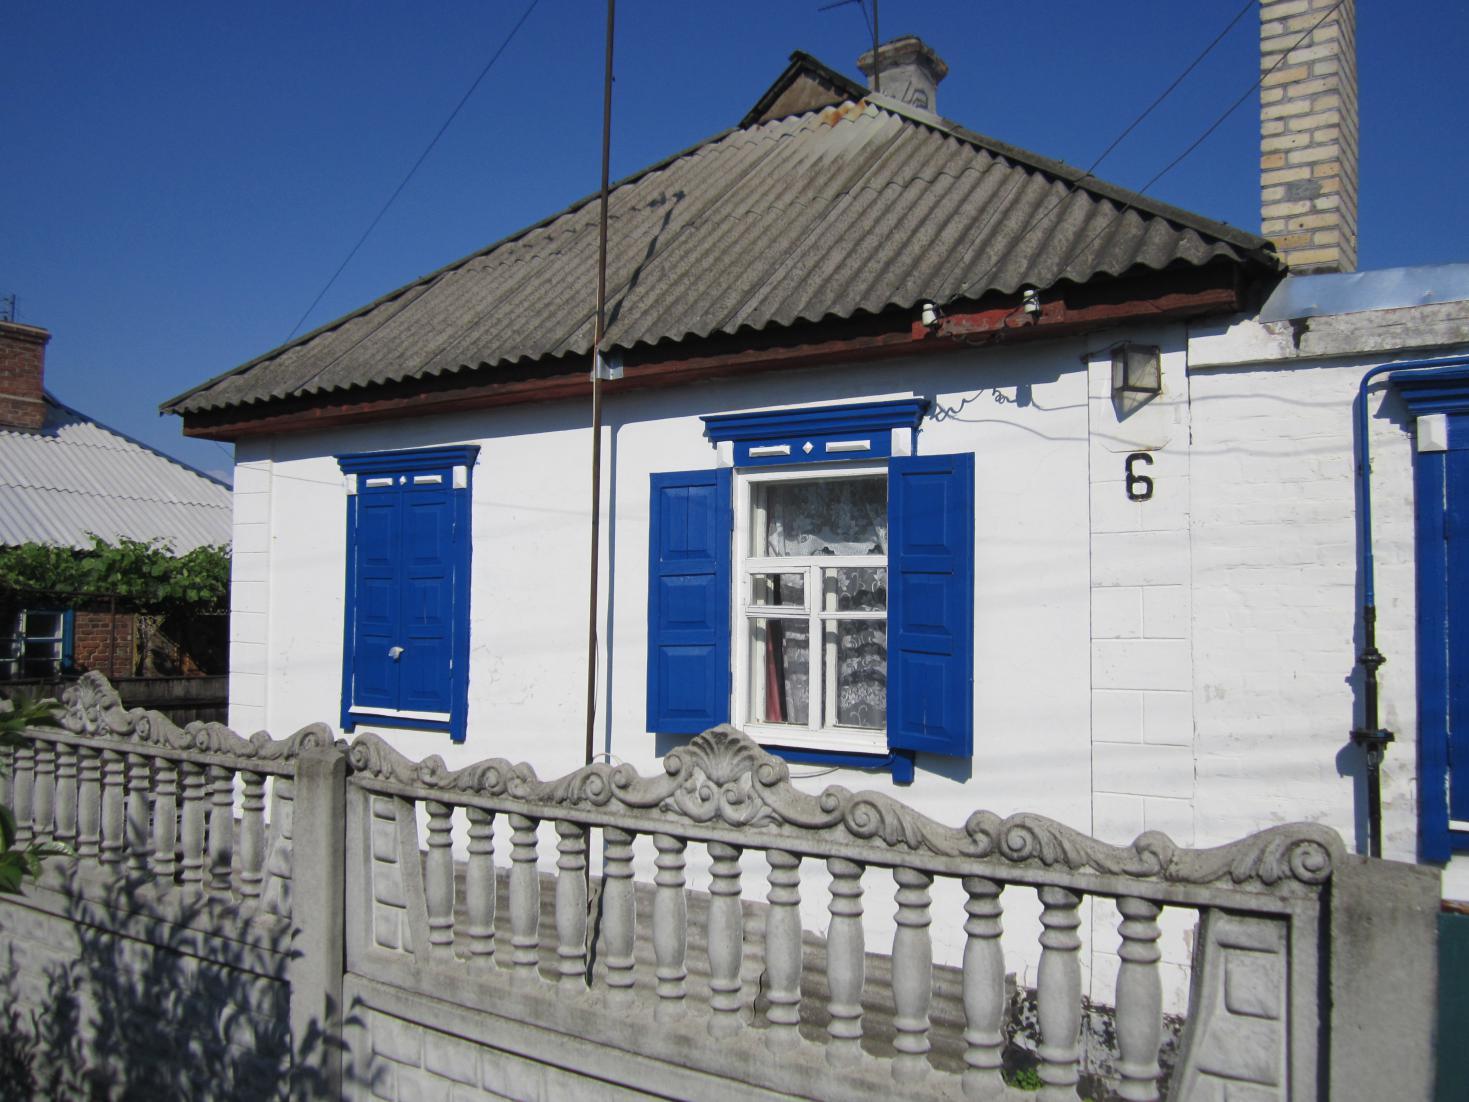 Продам дом в Кременчуге в Нагорной части, р-н Водолечебницы.